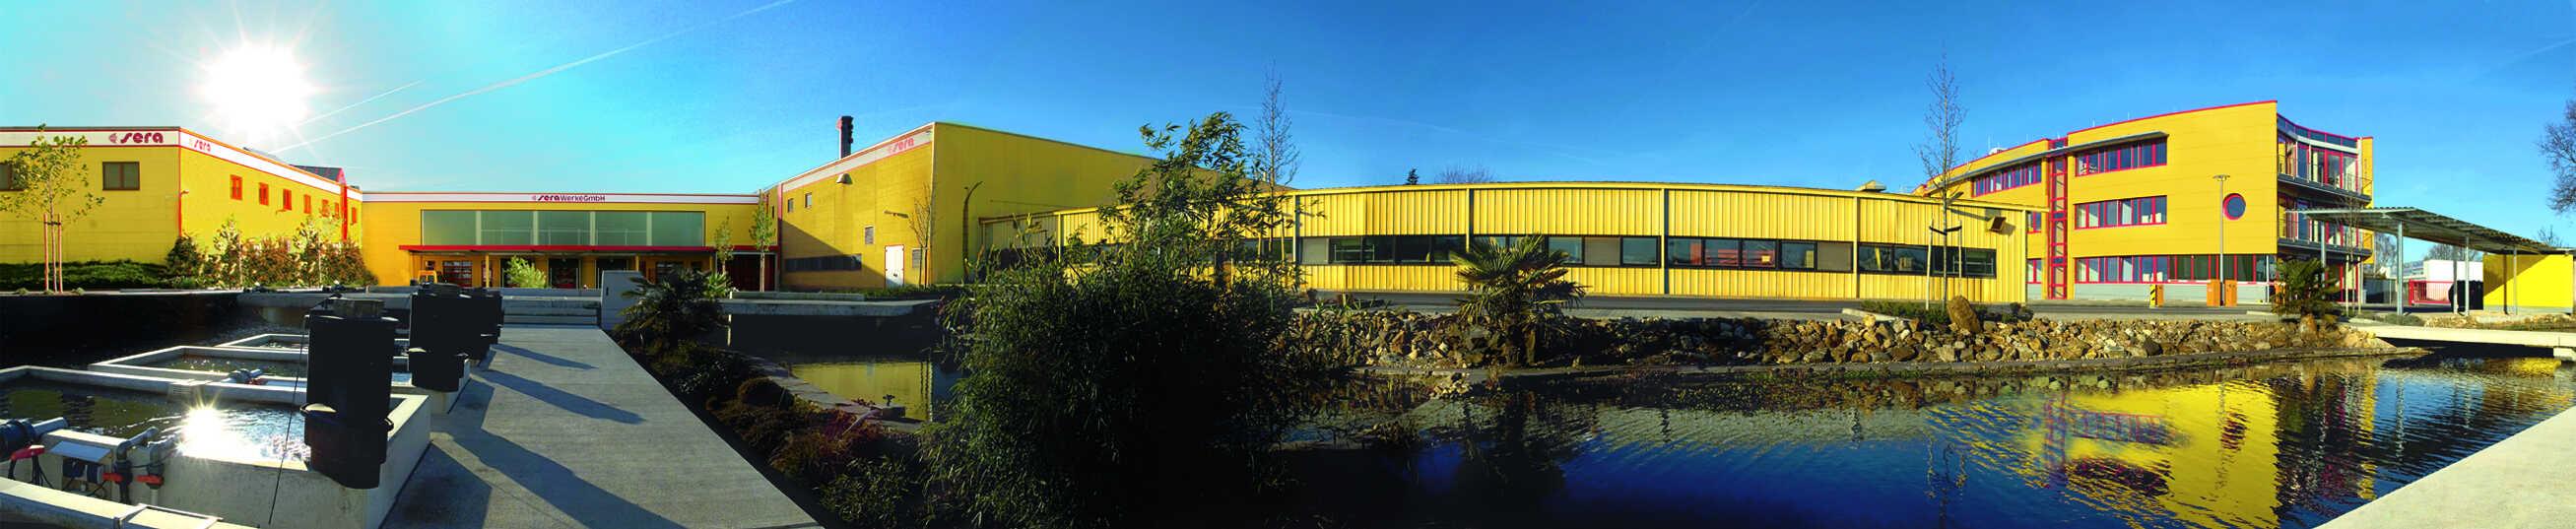 Am sera Unternehmenssitz in Heinsberg werden die hochwertigen Futter- und Pflegemittel für Aquaristik, Gartenteich und Terraristik gefertigt. Foto: © sera